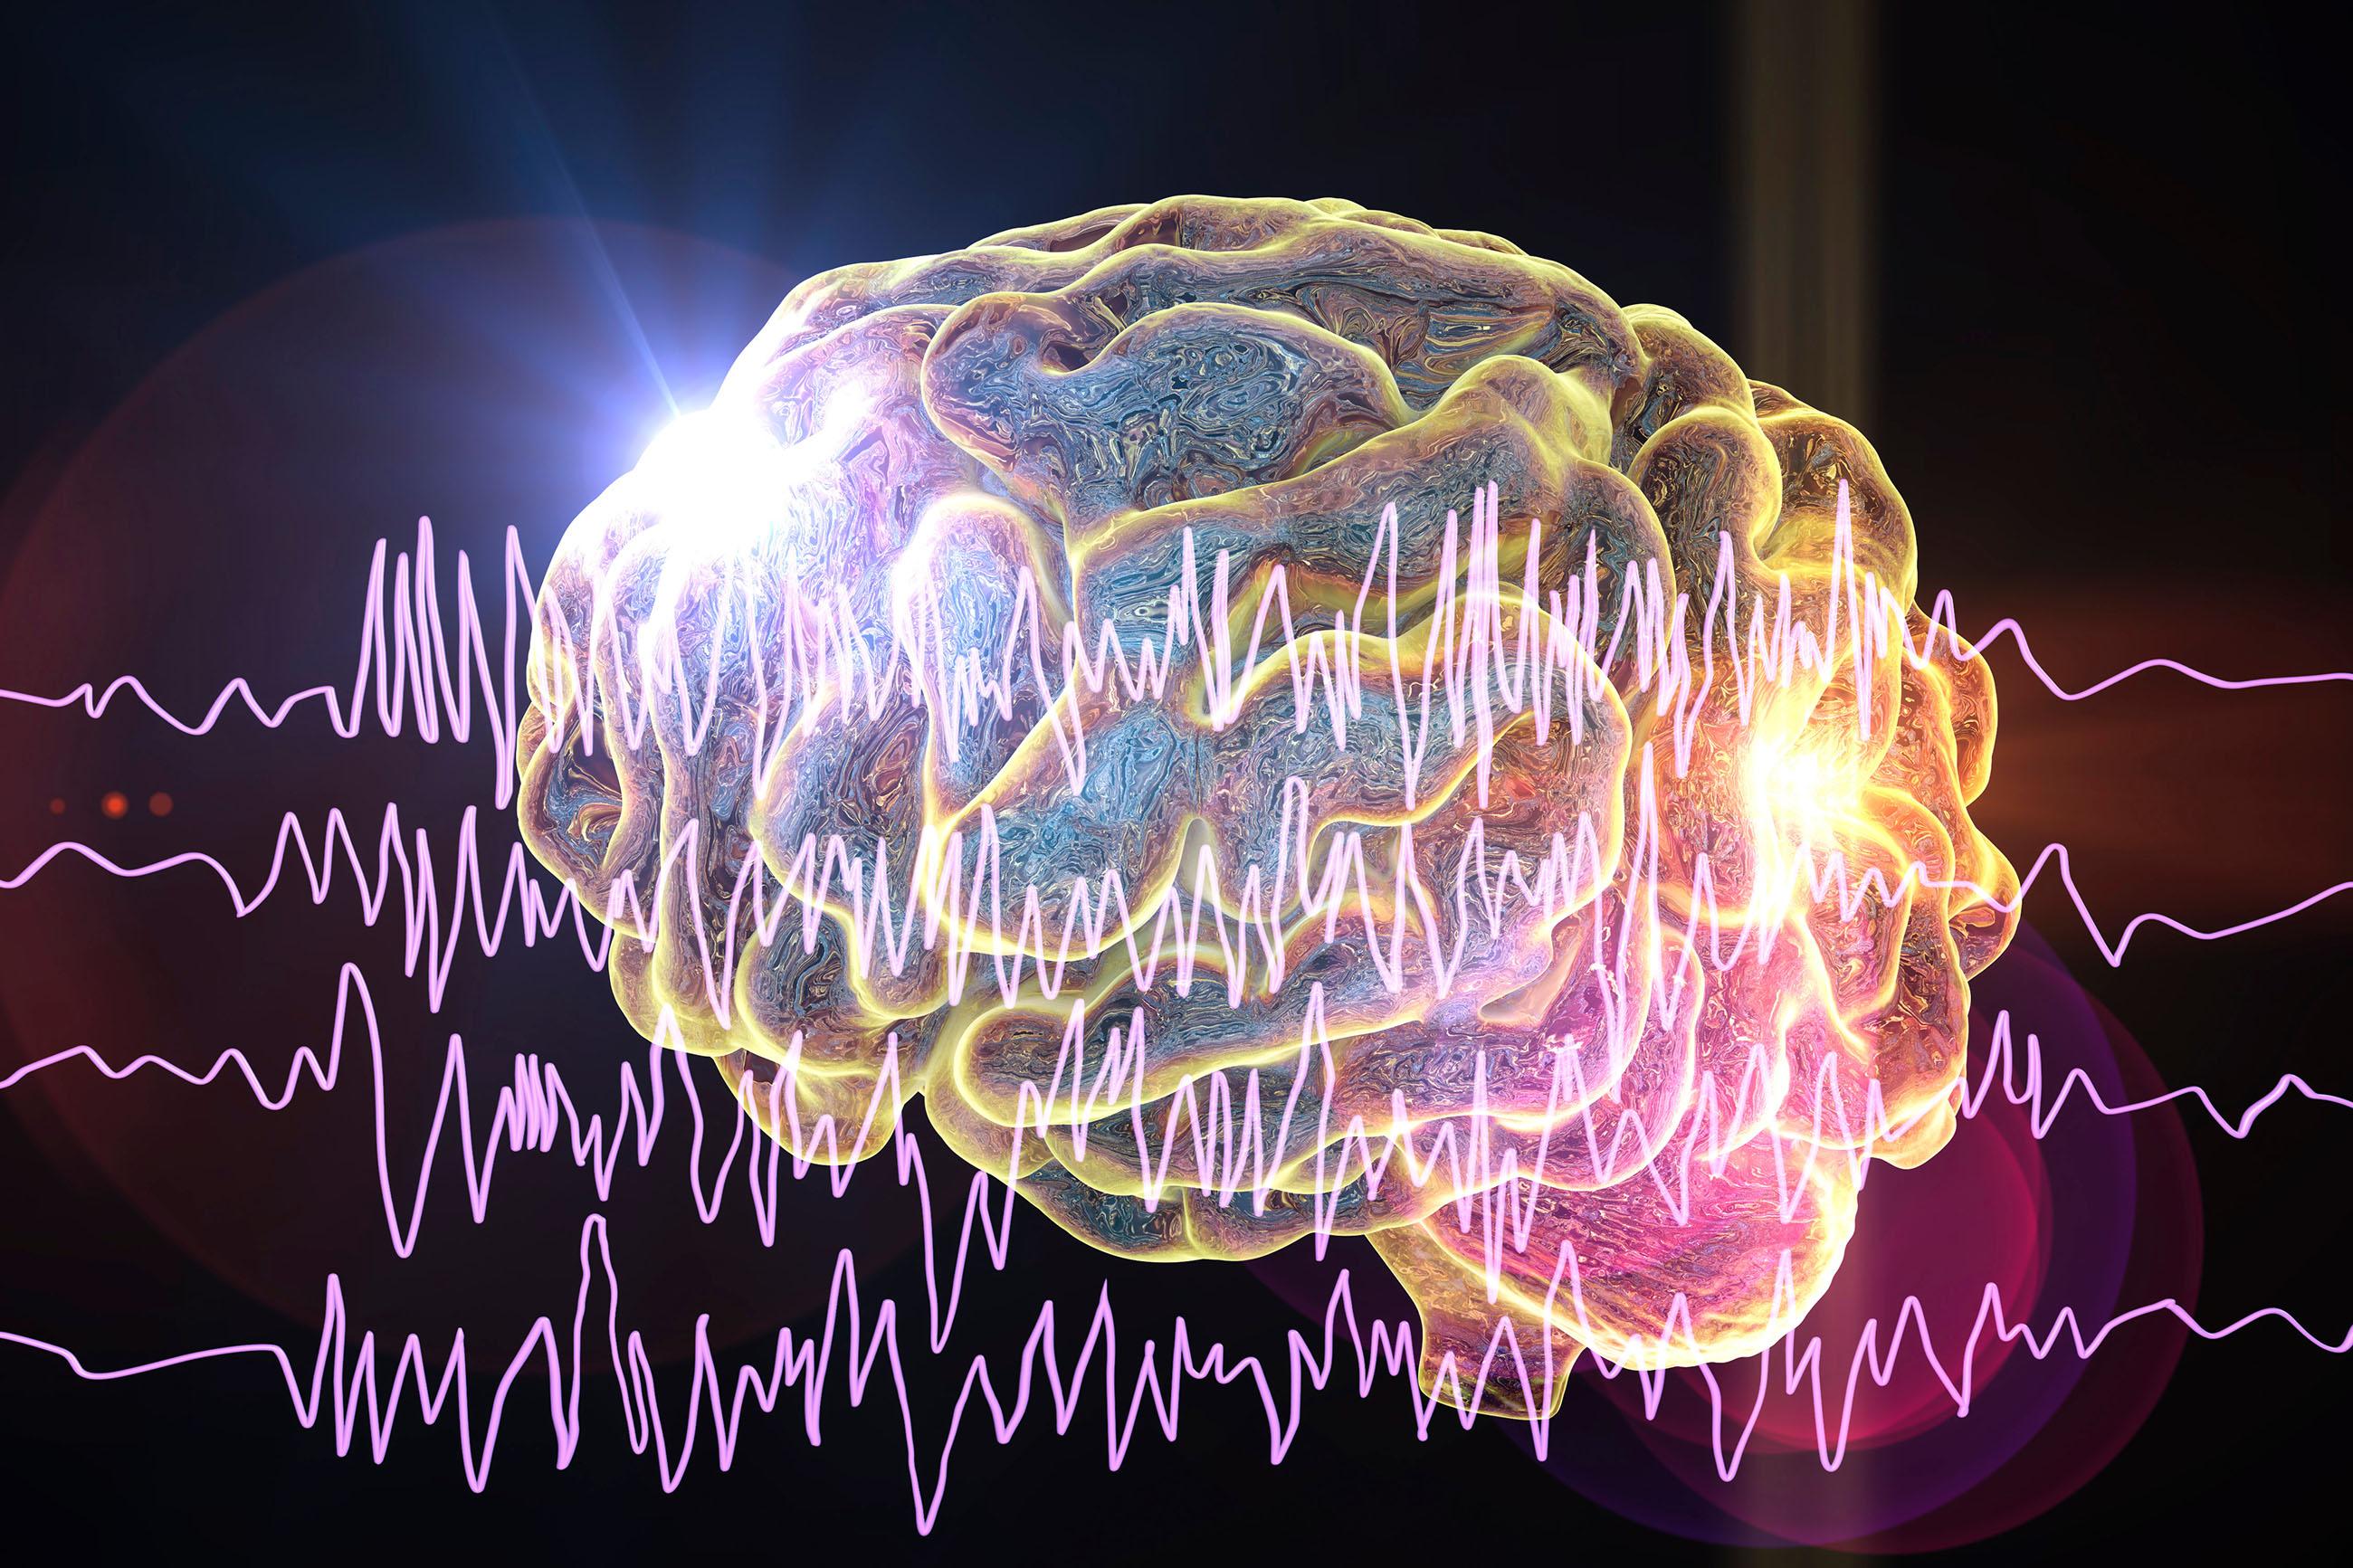 Imagen de un cerebro con cuatro líneas onduladas rosas delante.